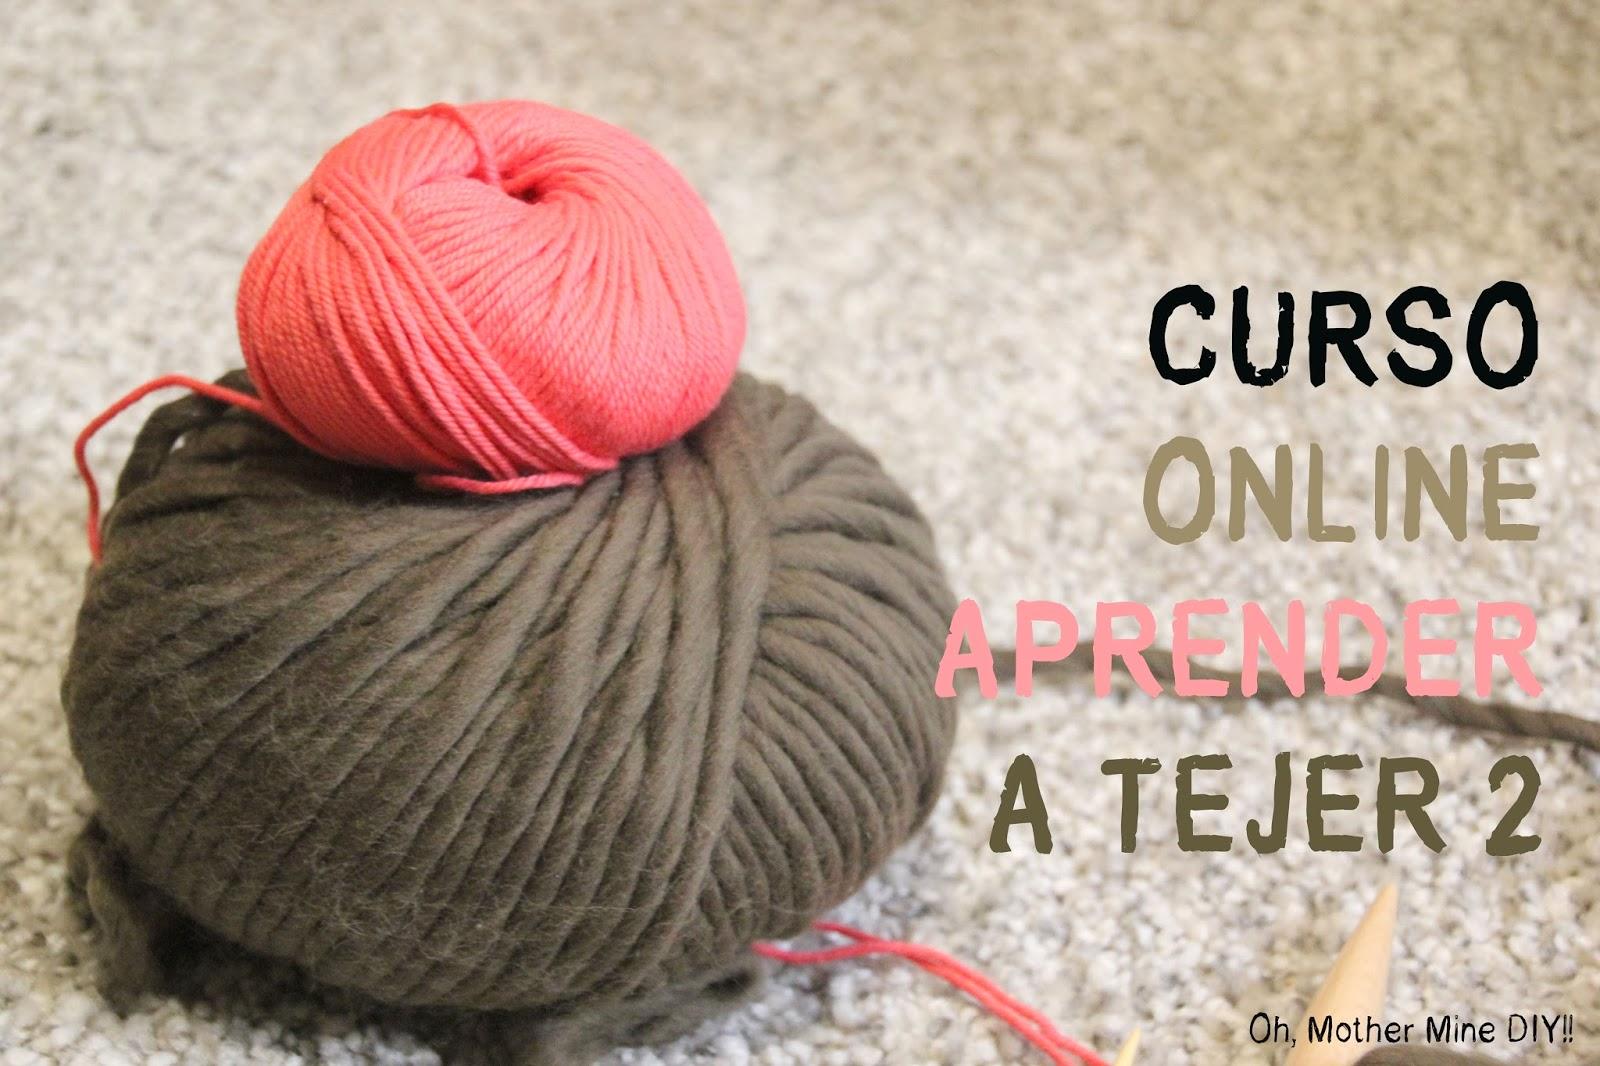 Curso online gratis aprender a tejer con dos agujas cap 2 - Puntos faciles para tejer con dos agujas ...